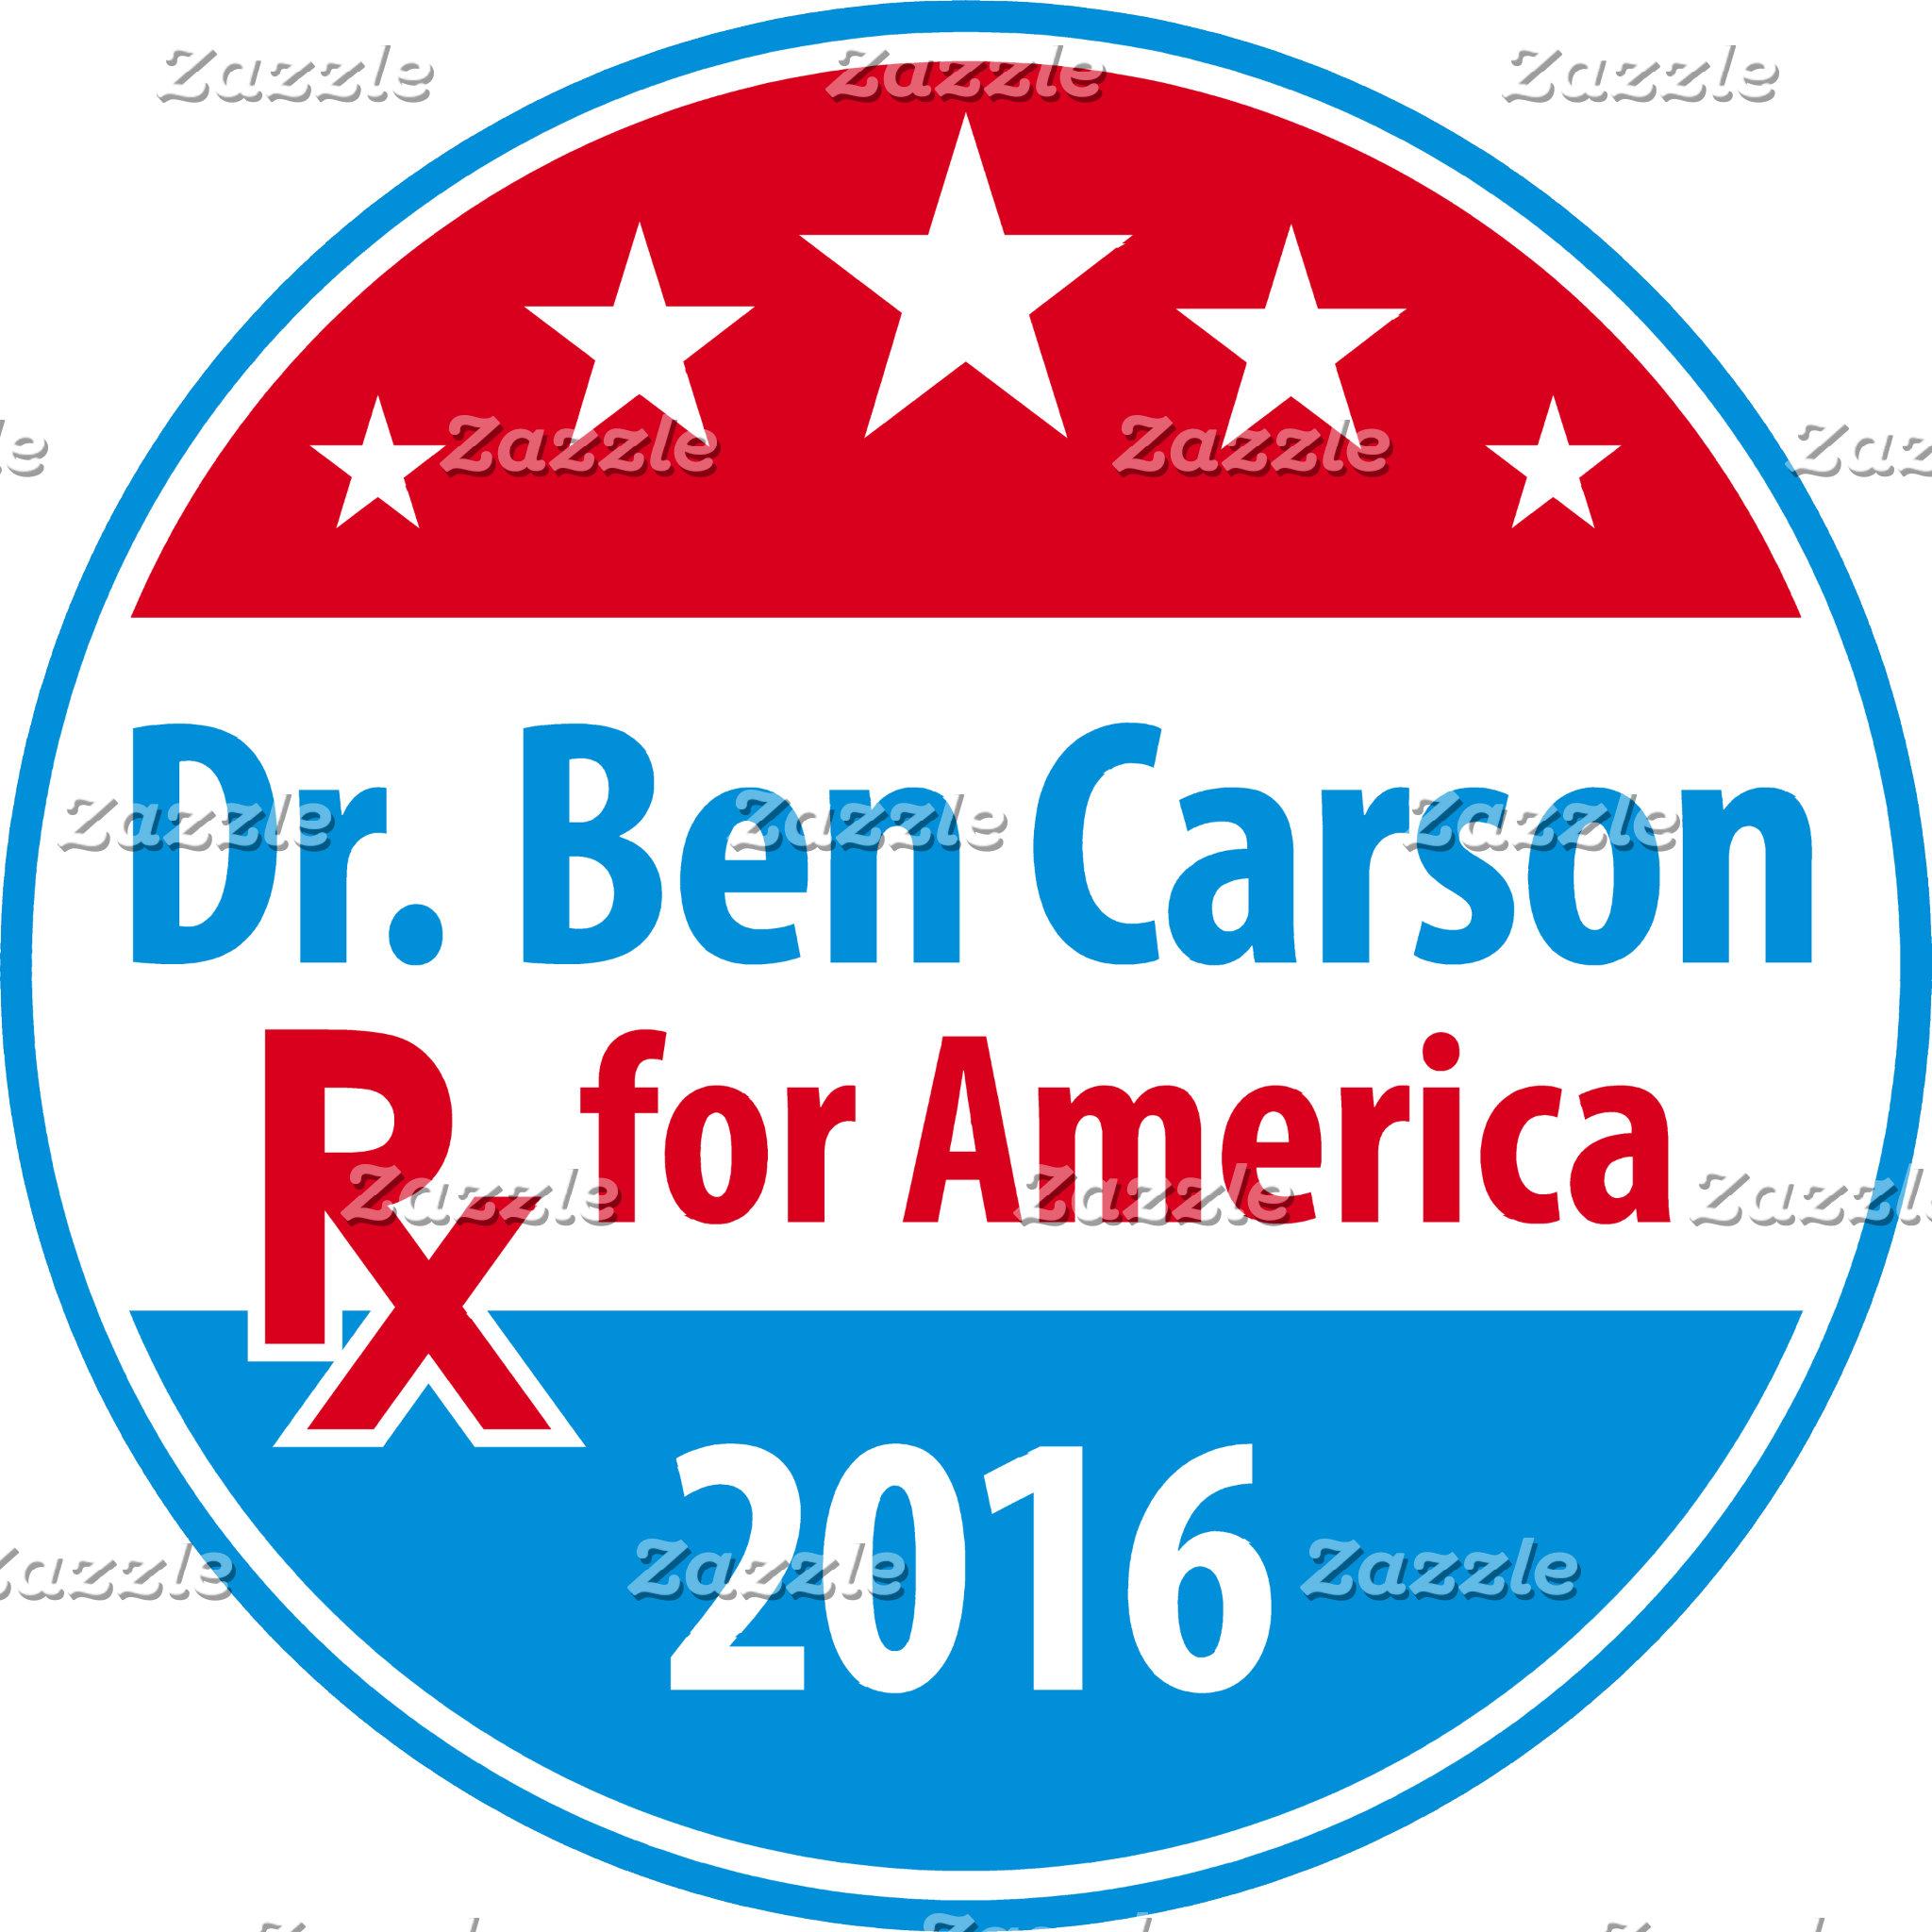 Ben Carson